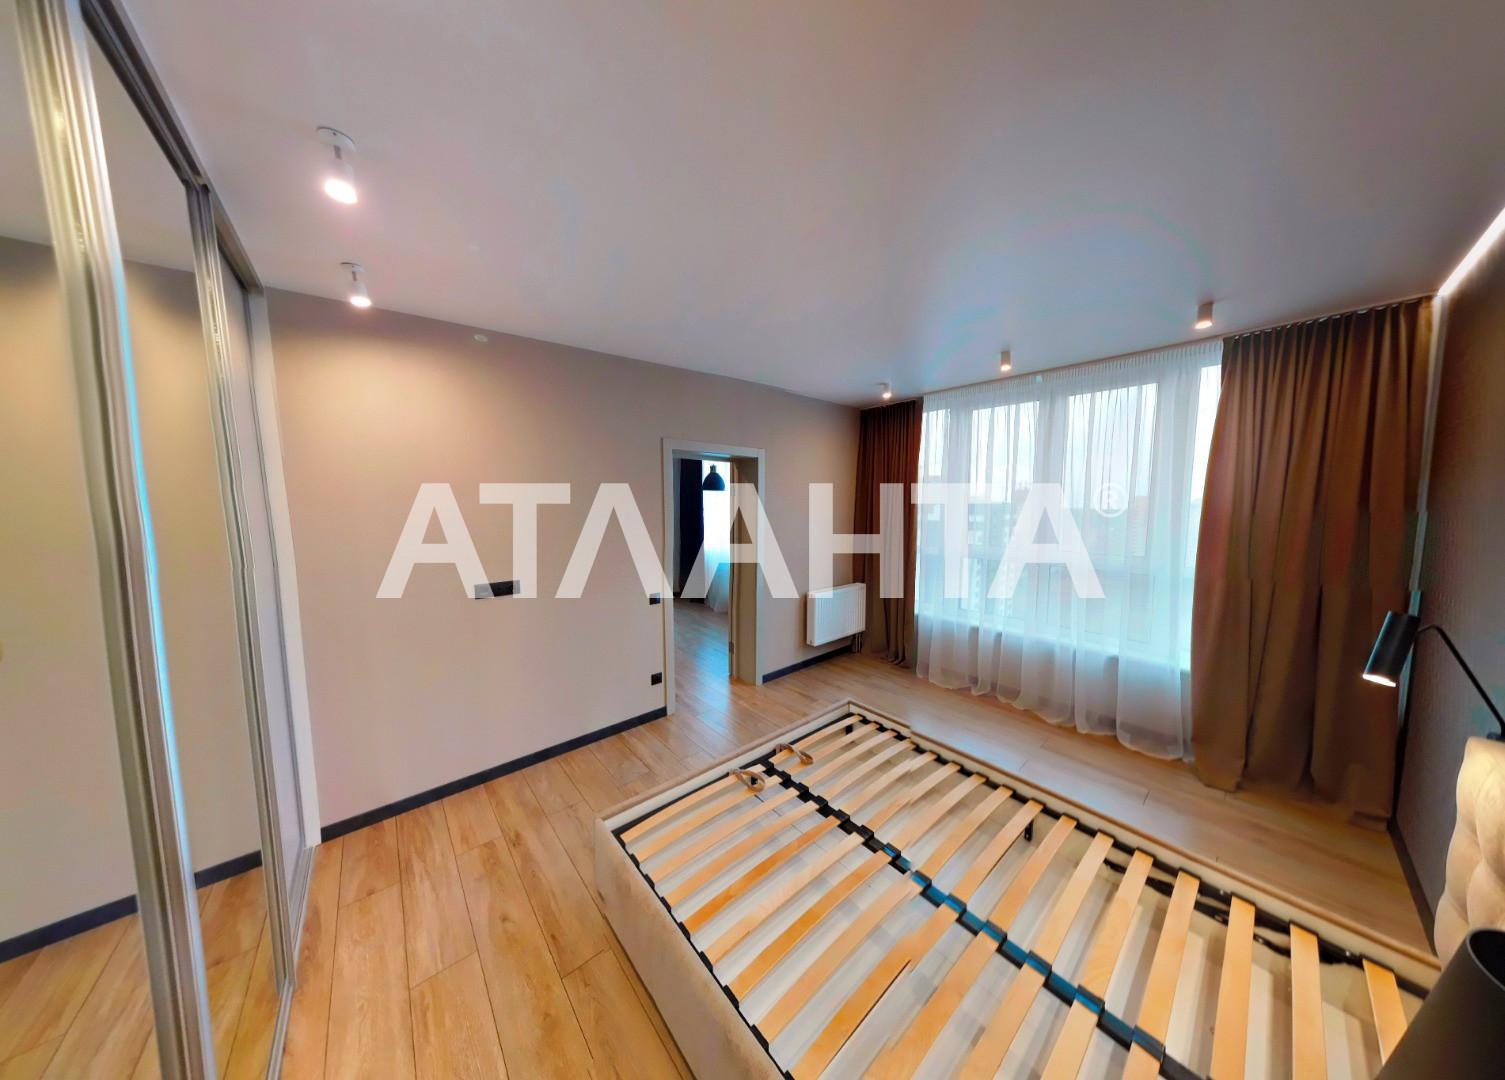 Продается 2-комнатная Квартира на ул. Конева — 86 000 у.е. (фото №10)